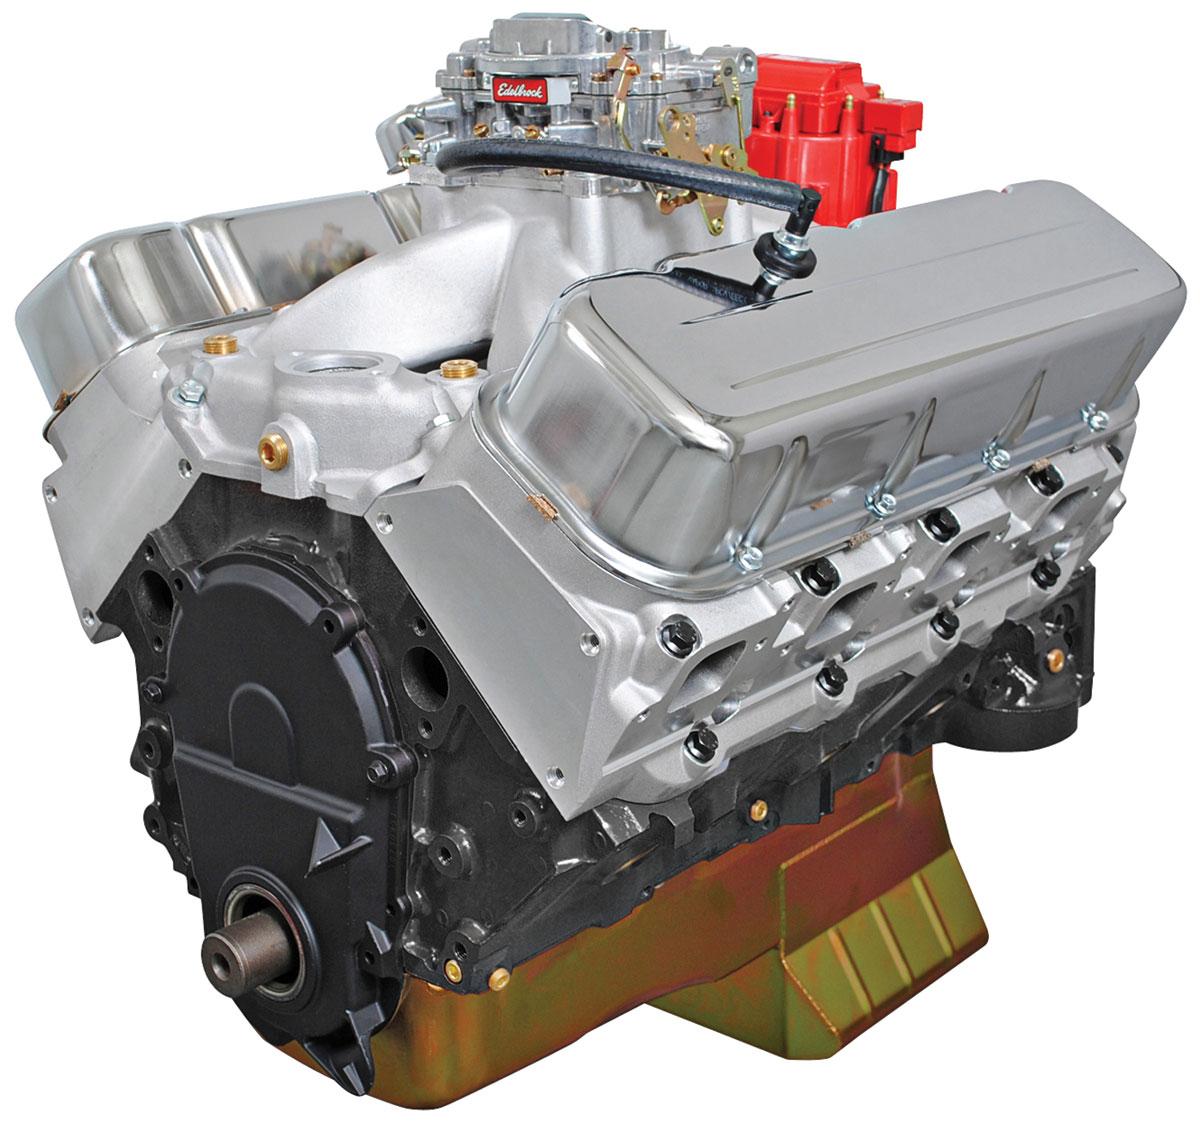 Crate Engine, BluePrint, 496 Stroker, Base Dressed